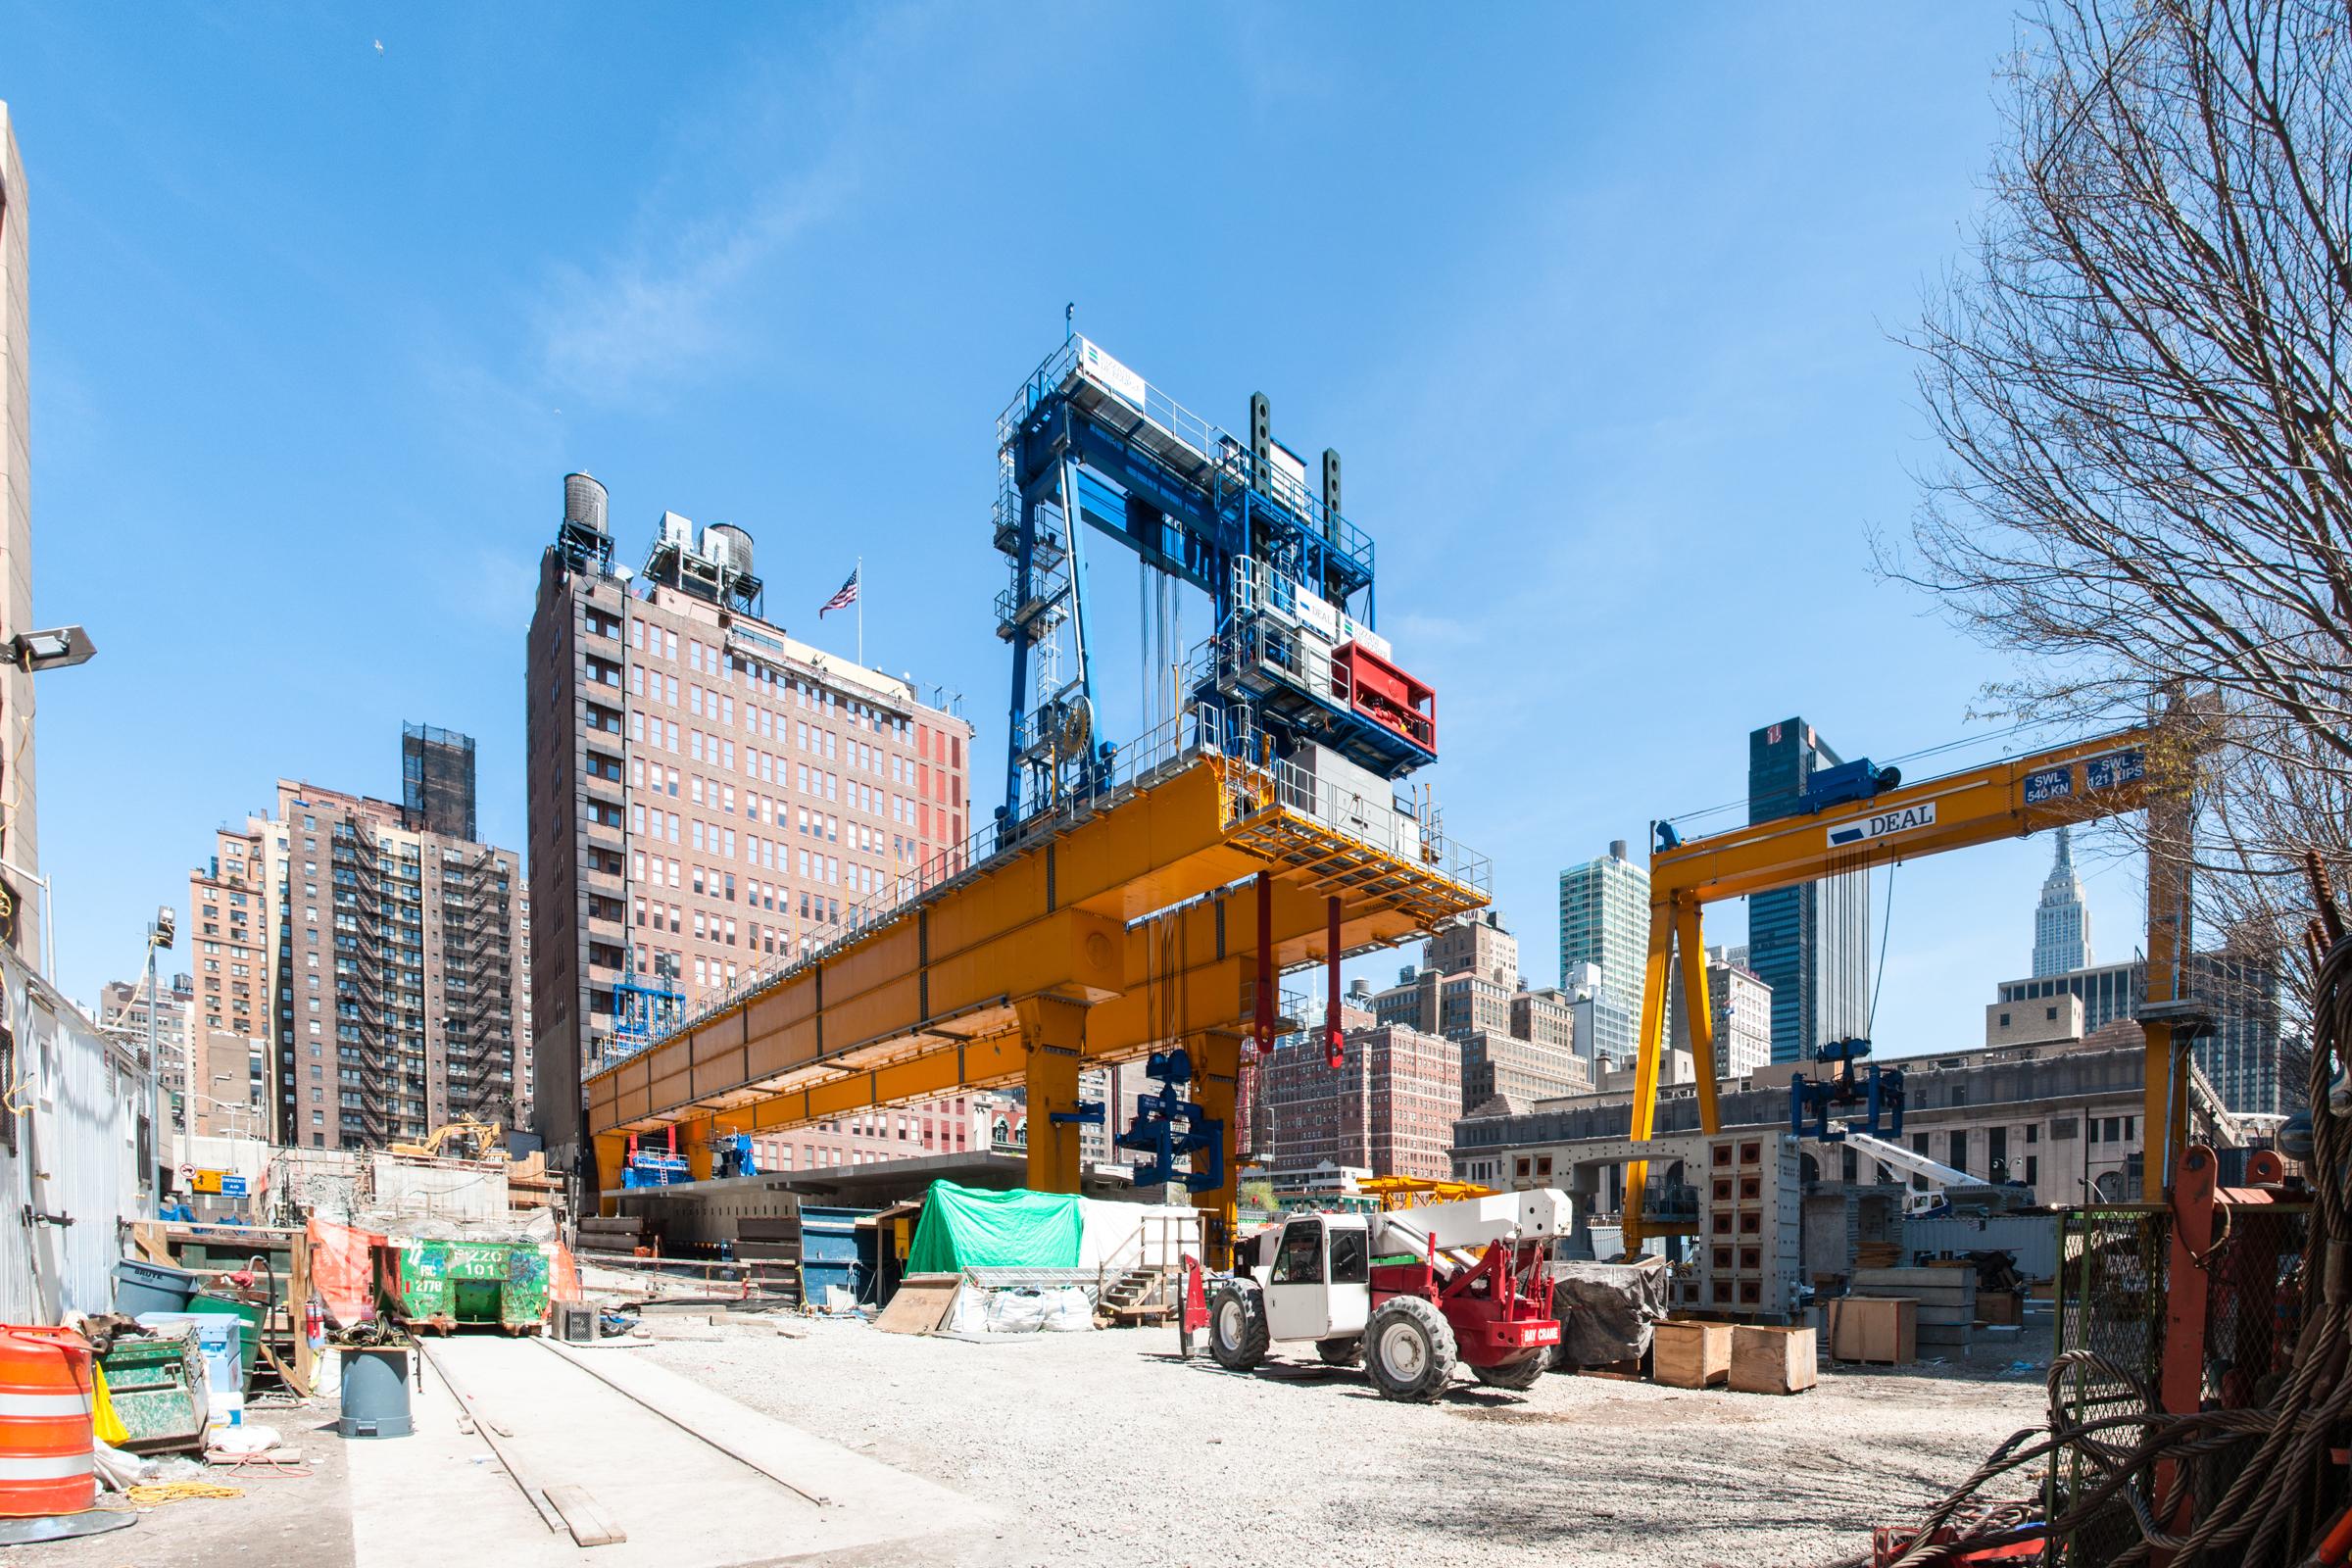 2014_04_20 Manhattan West 04.jpg